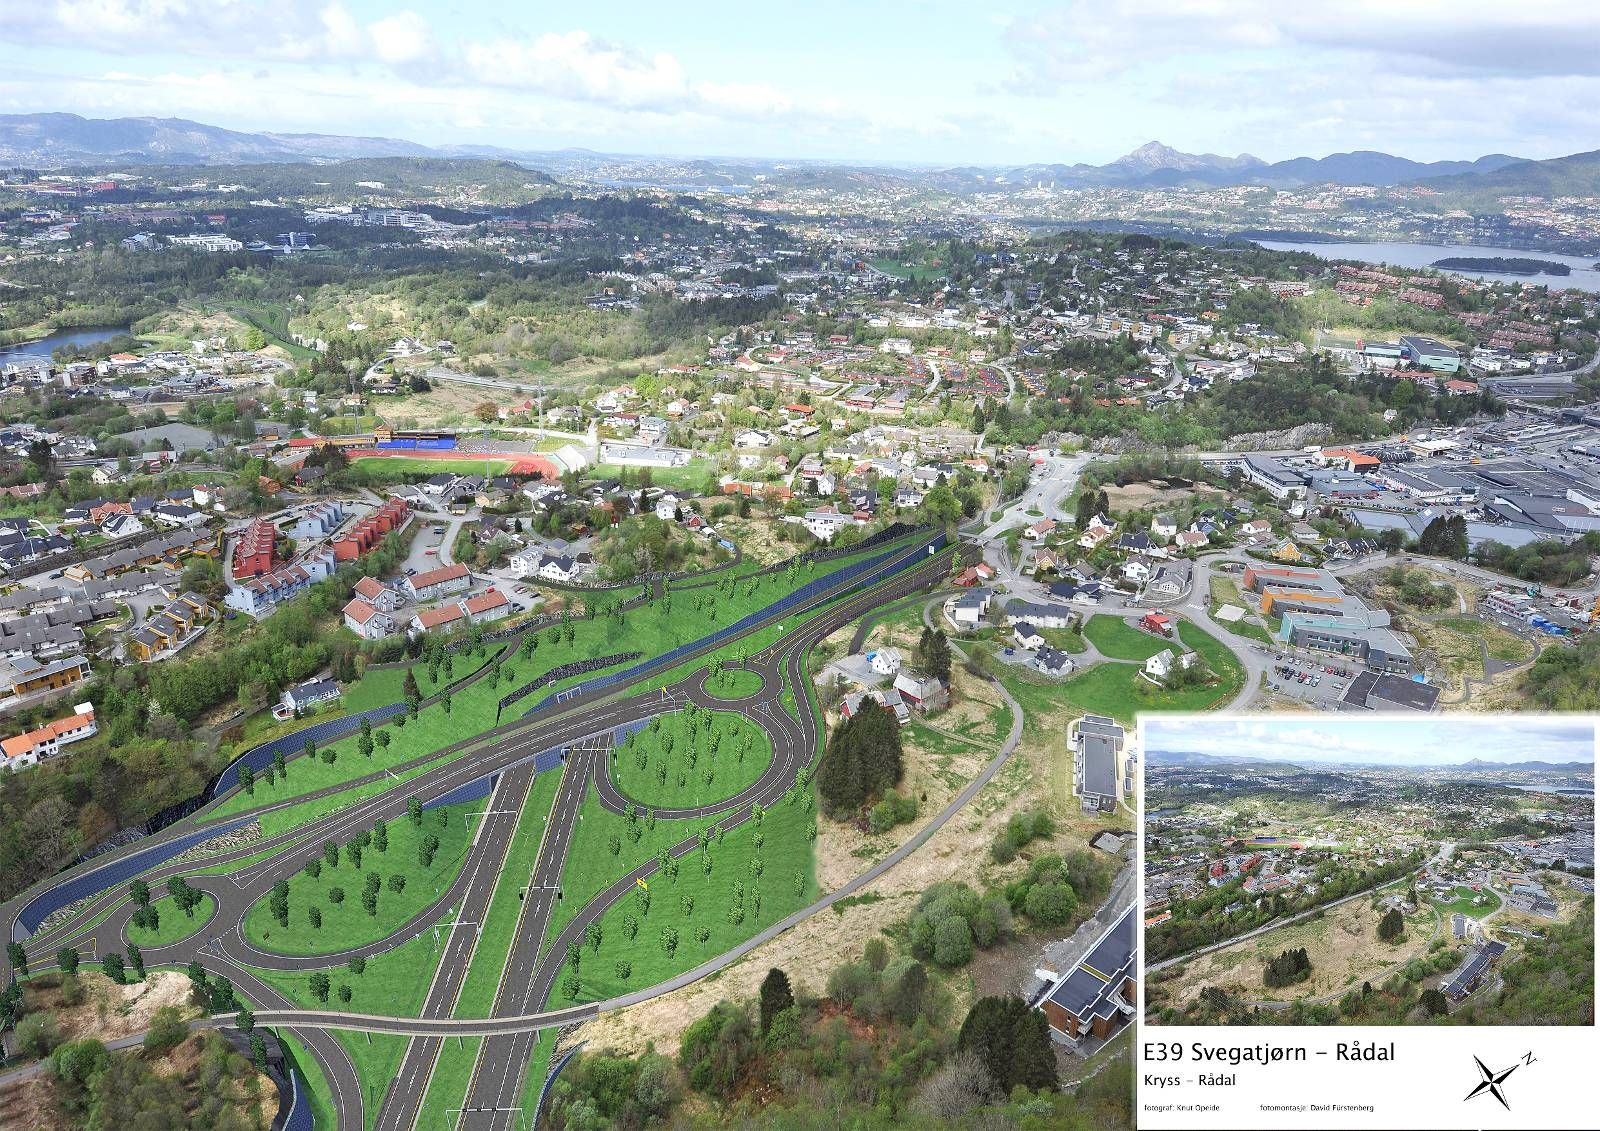 NY VEG: Prosjektet E39 Svegatjørn-Rådal ble etablert for å bygge ny hovedveg mellom Os og Bergen. Utbyggingen starter ved Svegatjørn i Os og fortsetter til Rådalen i Bergen. FOTO: Statens Vegvesen